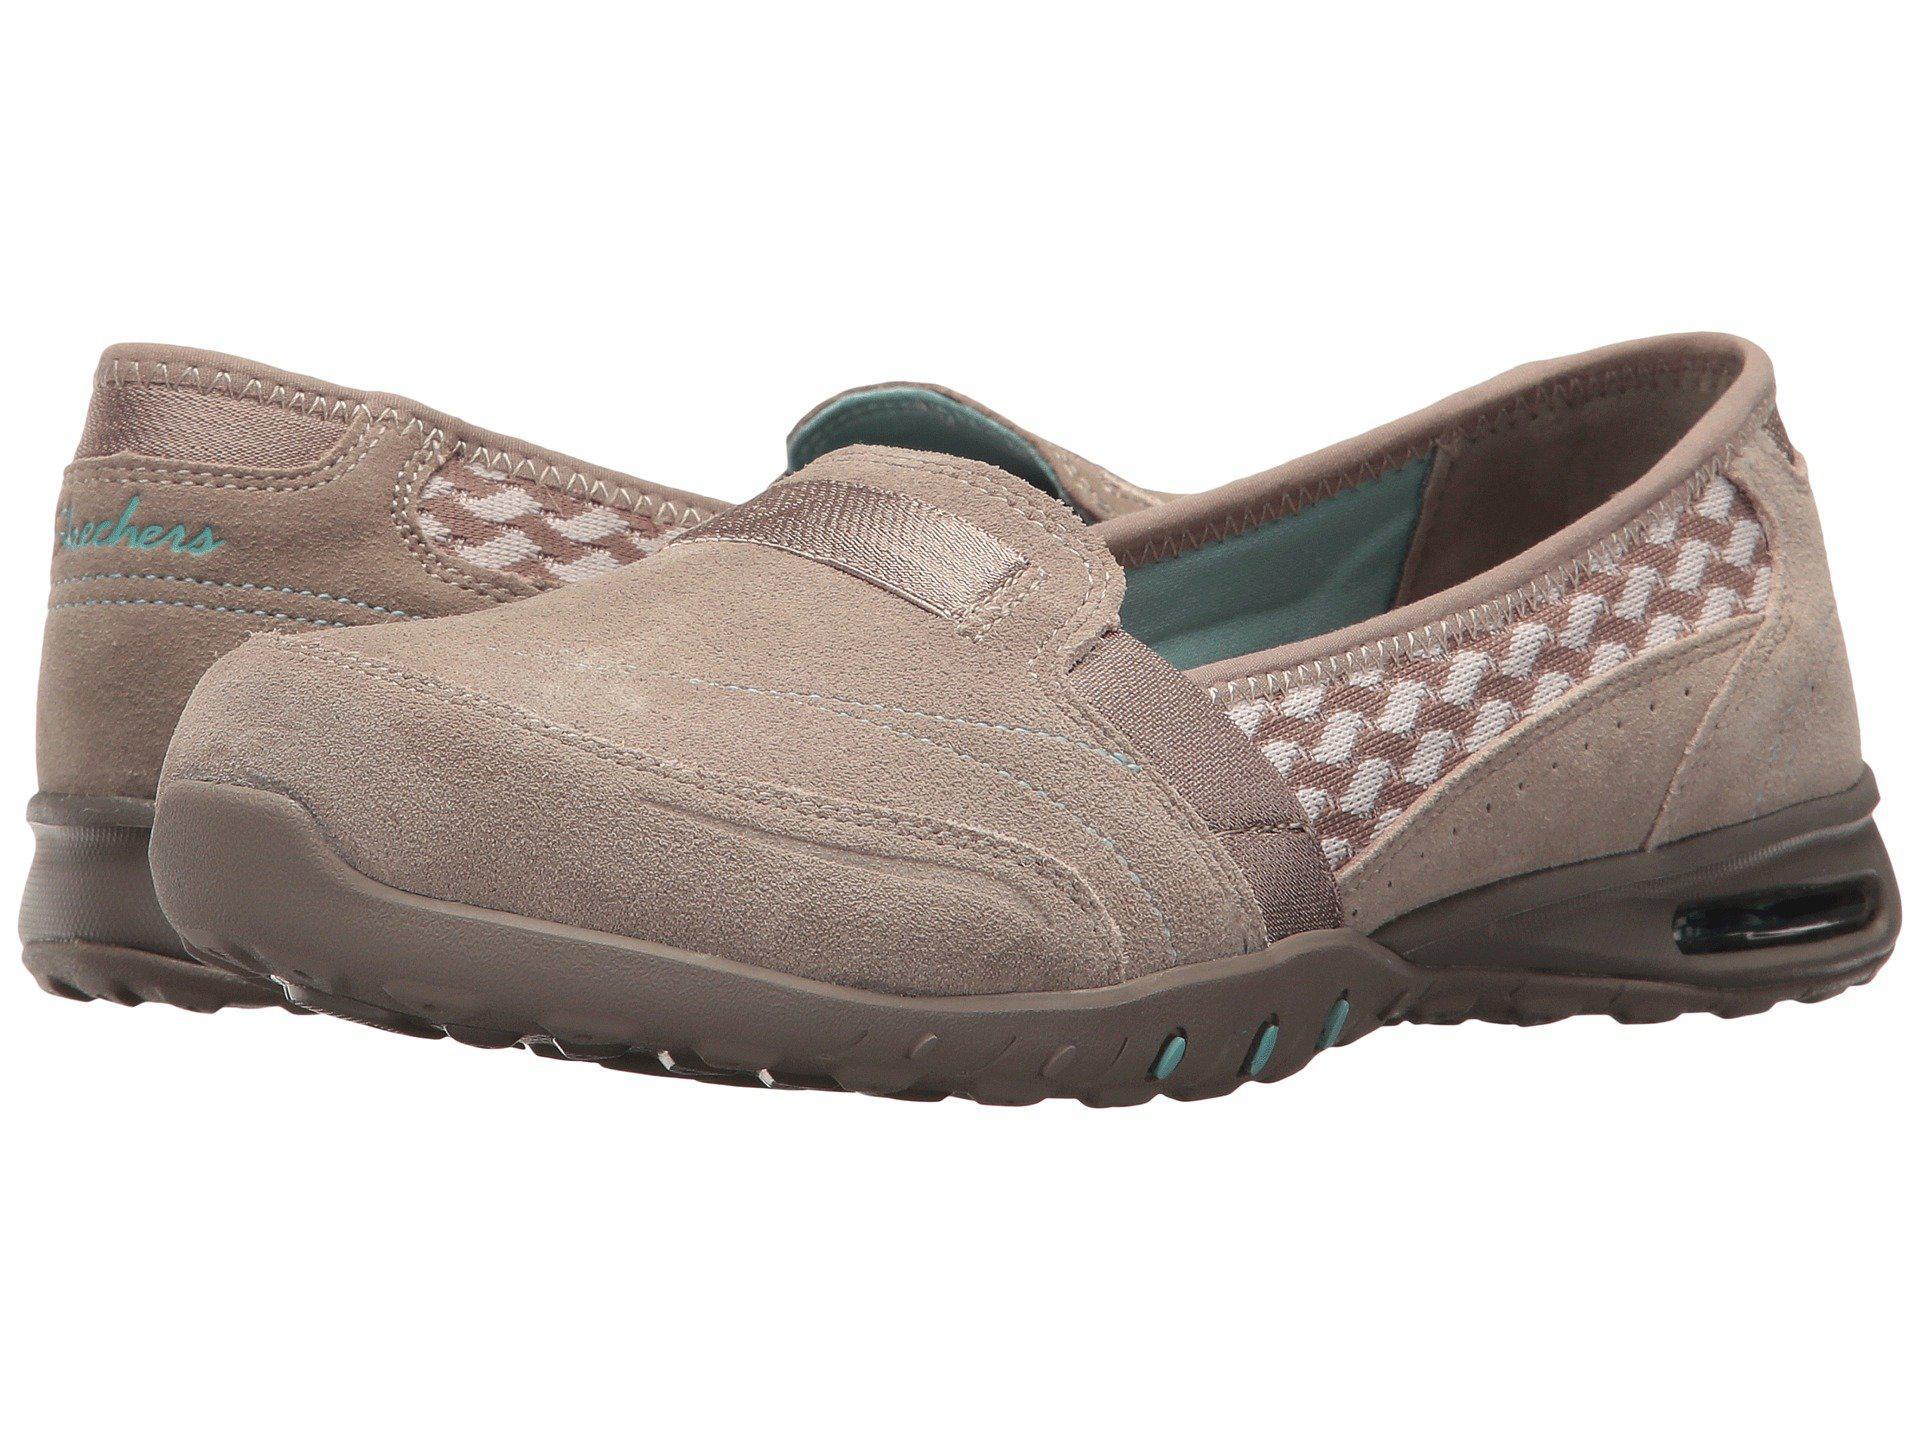 3d0fe7510e687 Skechers - Multicolor Easy Air - Ember - Lyst